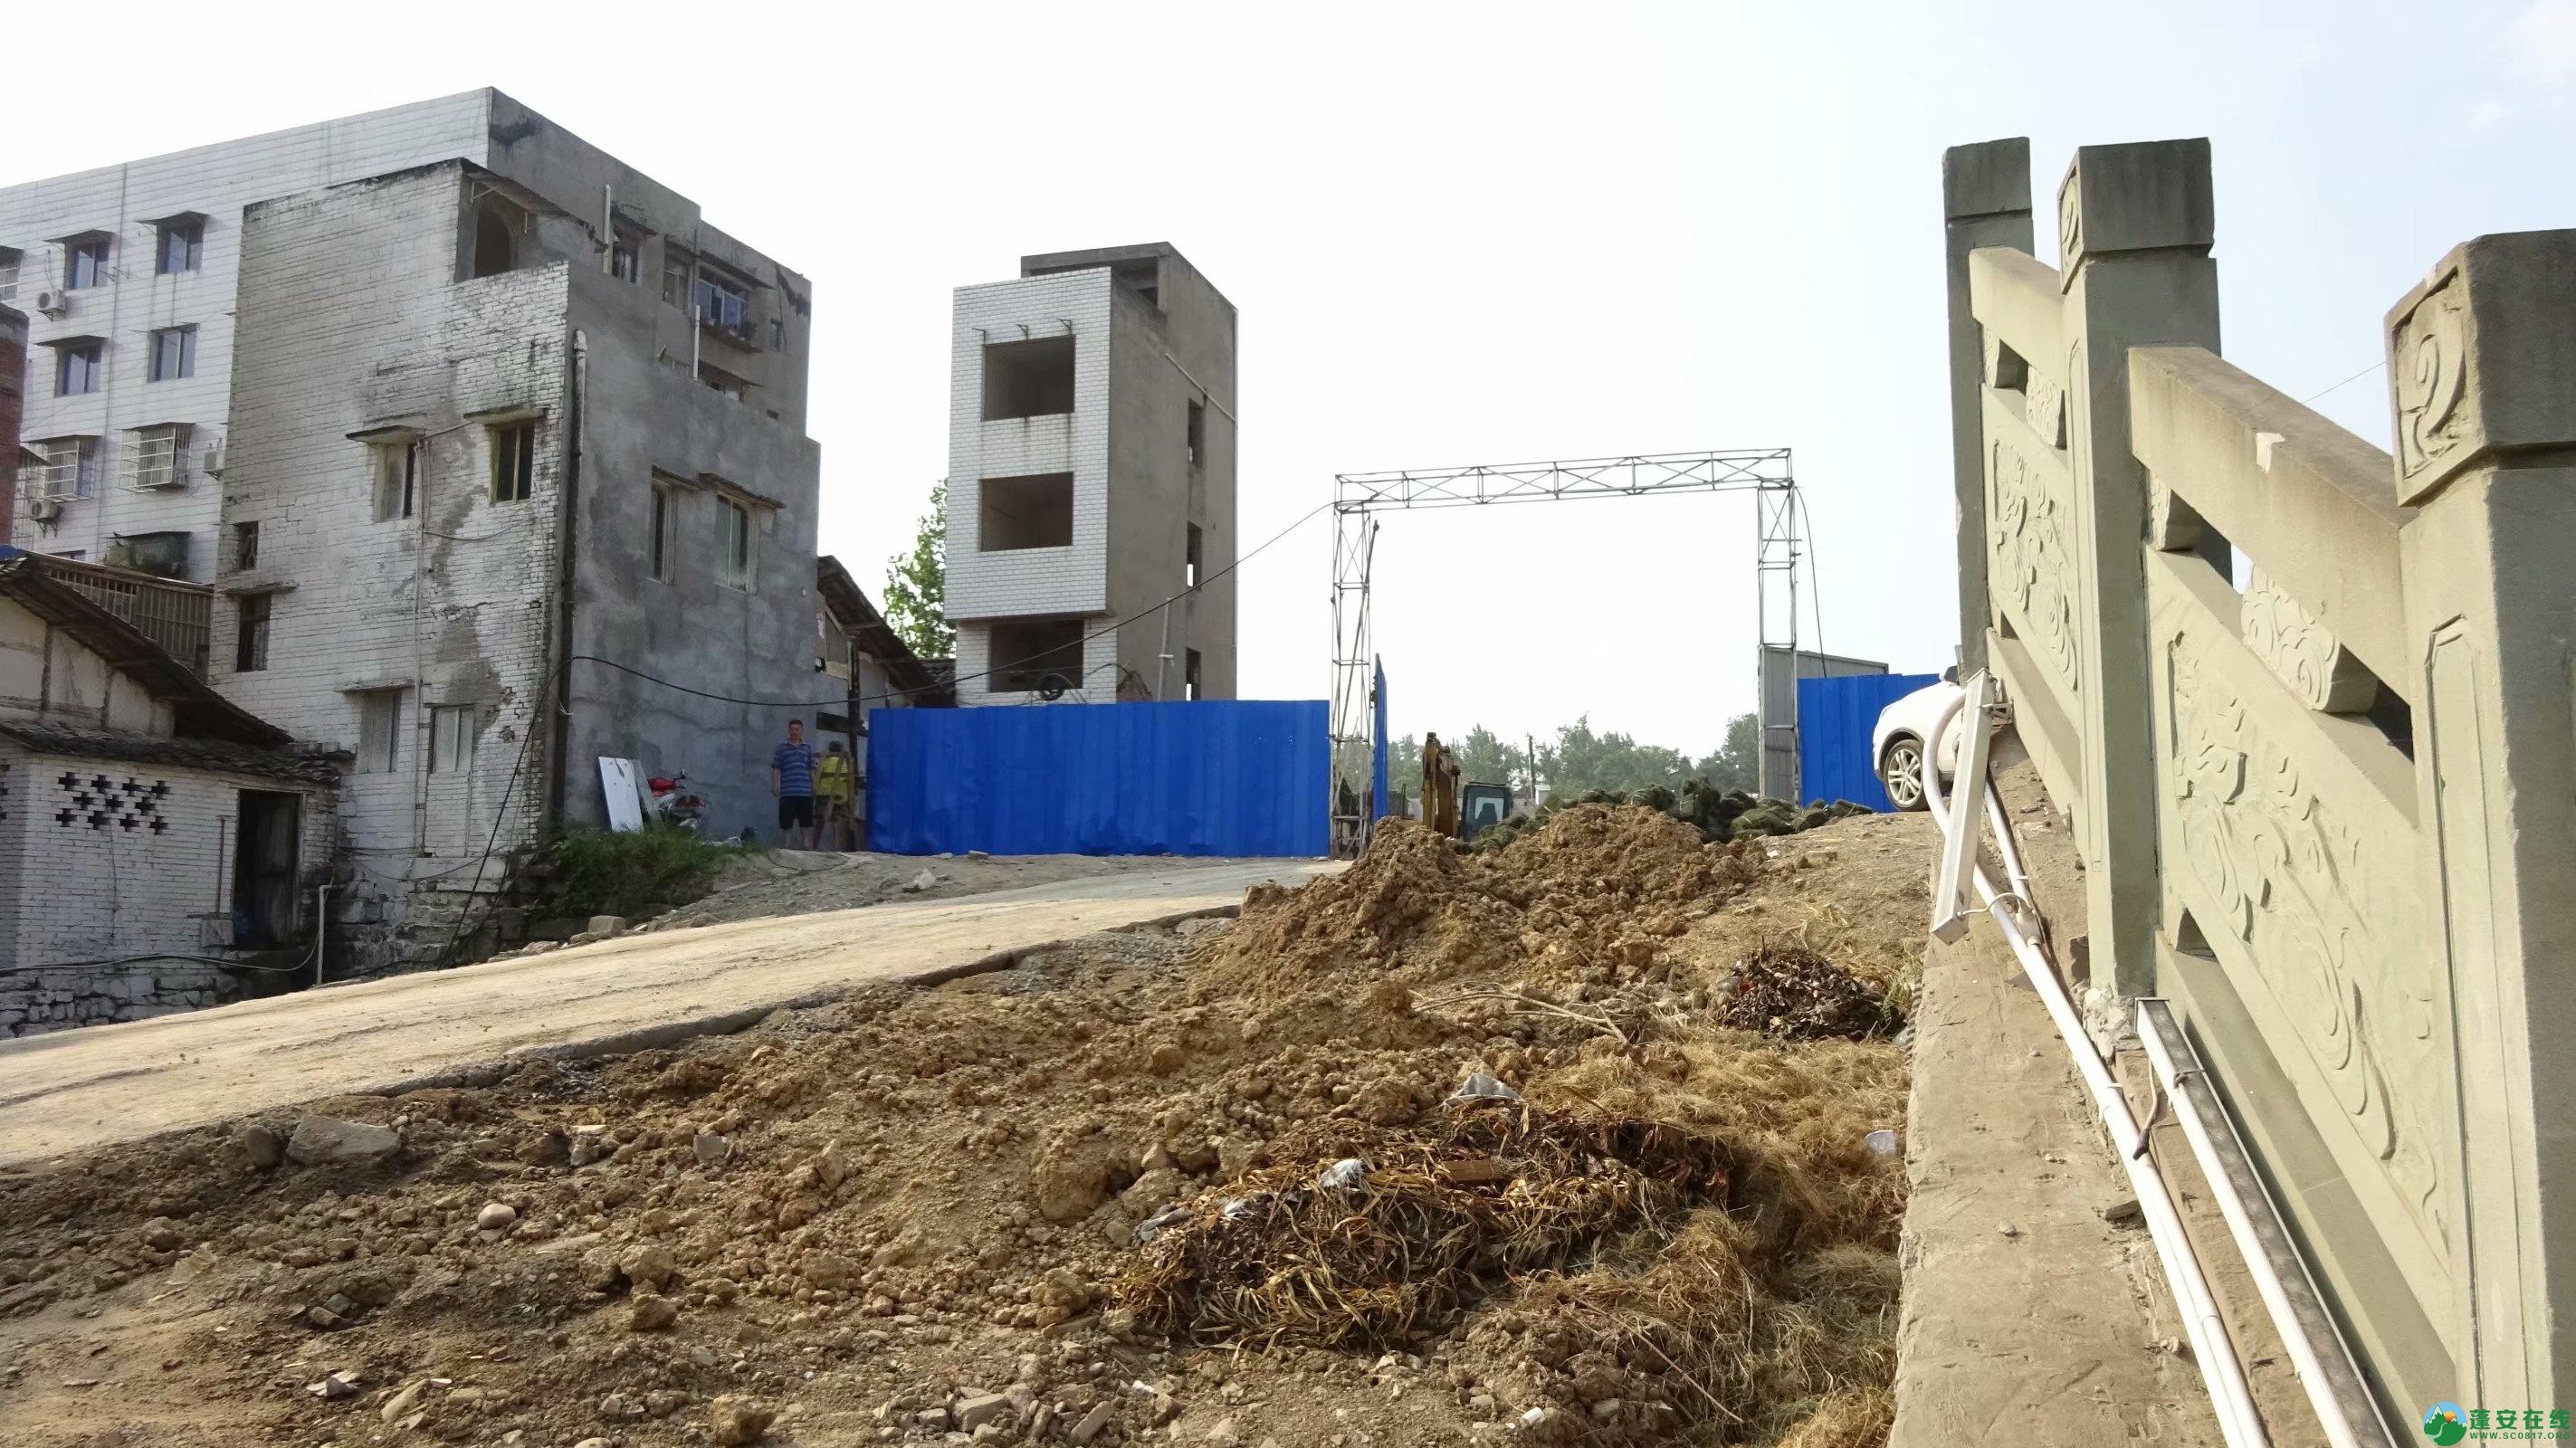 蓬安锦屏相如故城建设迅猛 - 第1张  | 蓬安在线